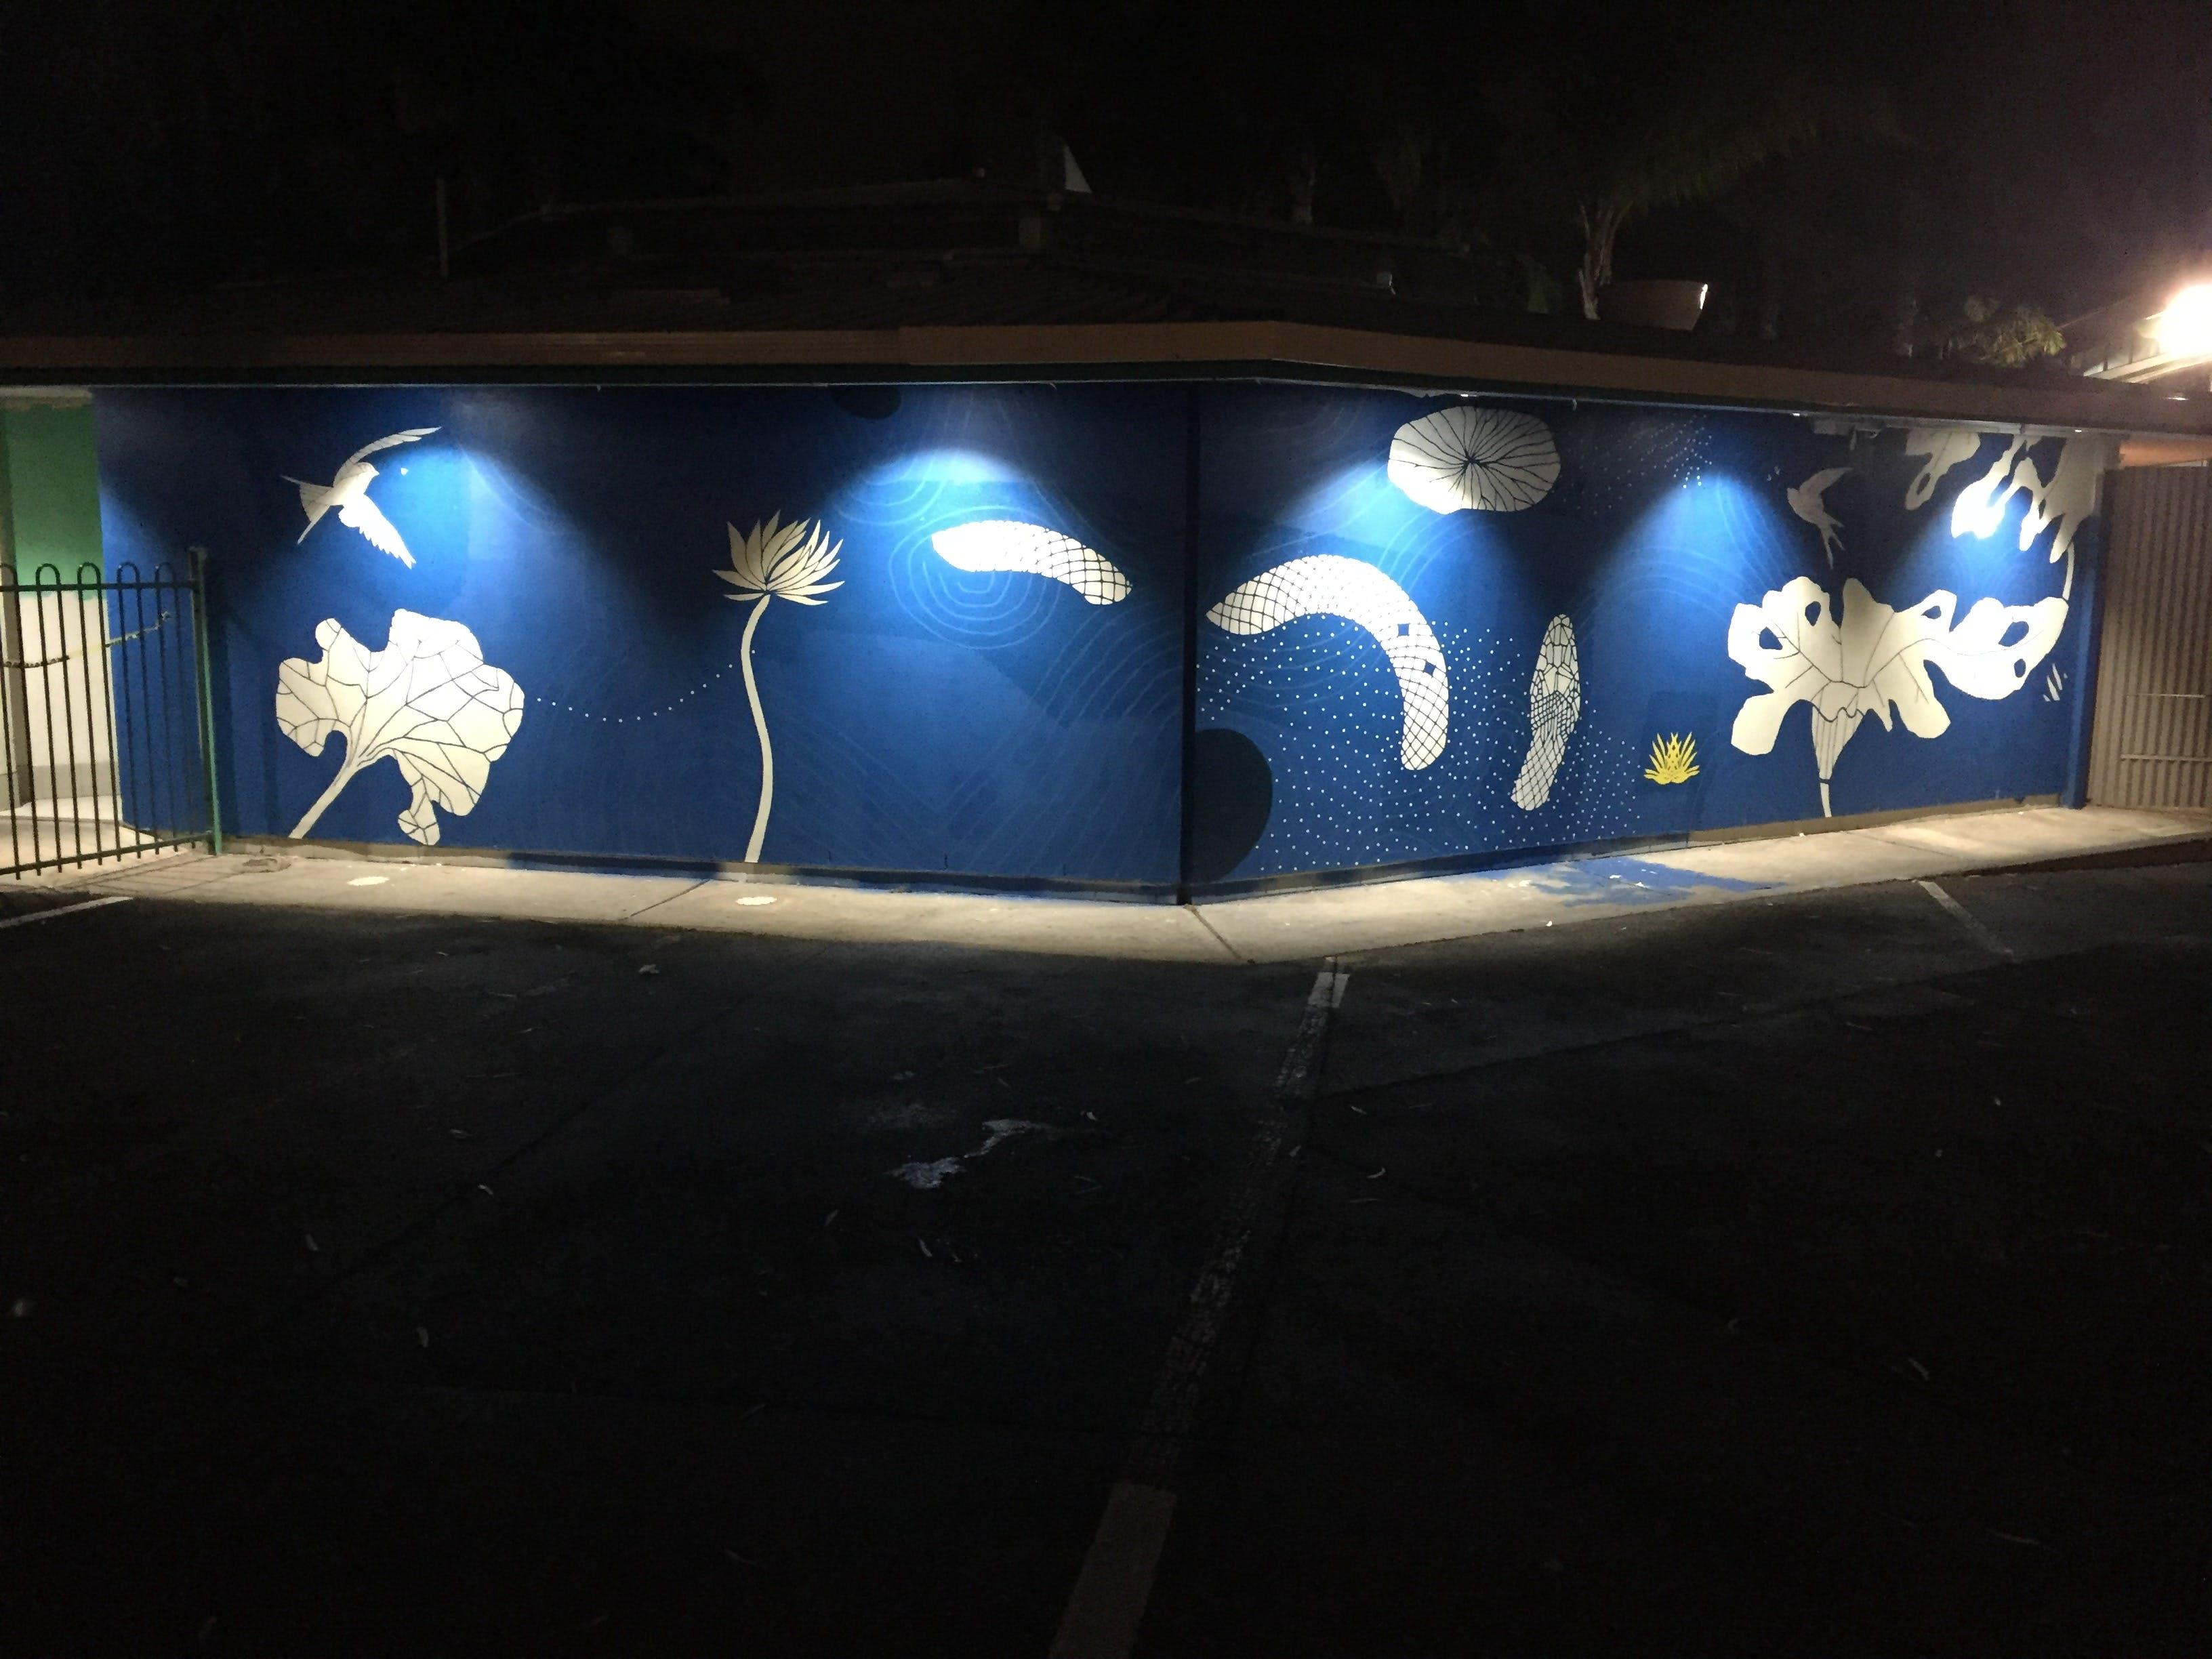 Aquatic Centre Mural (Jacob Logos)